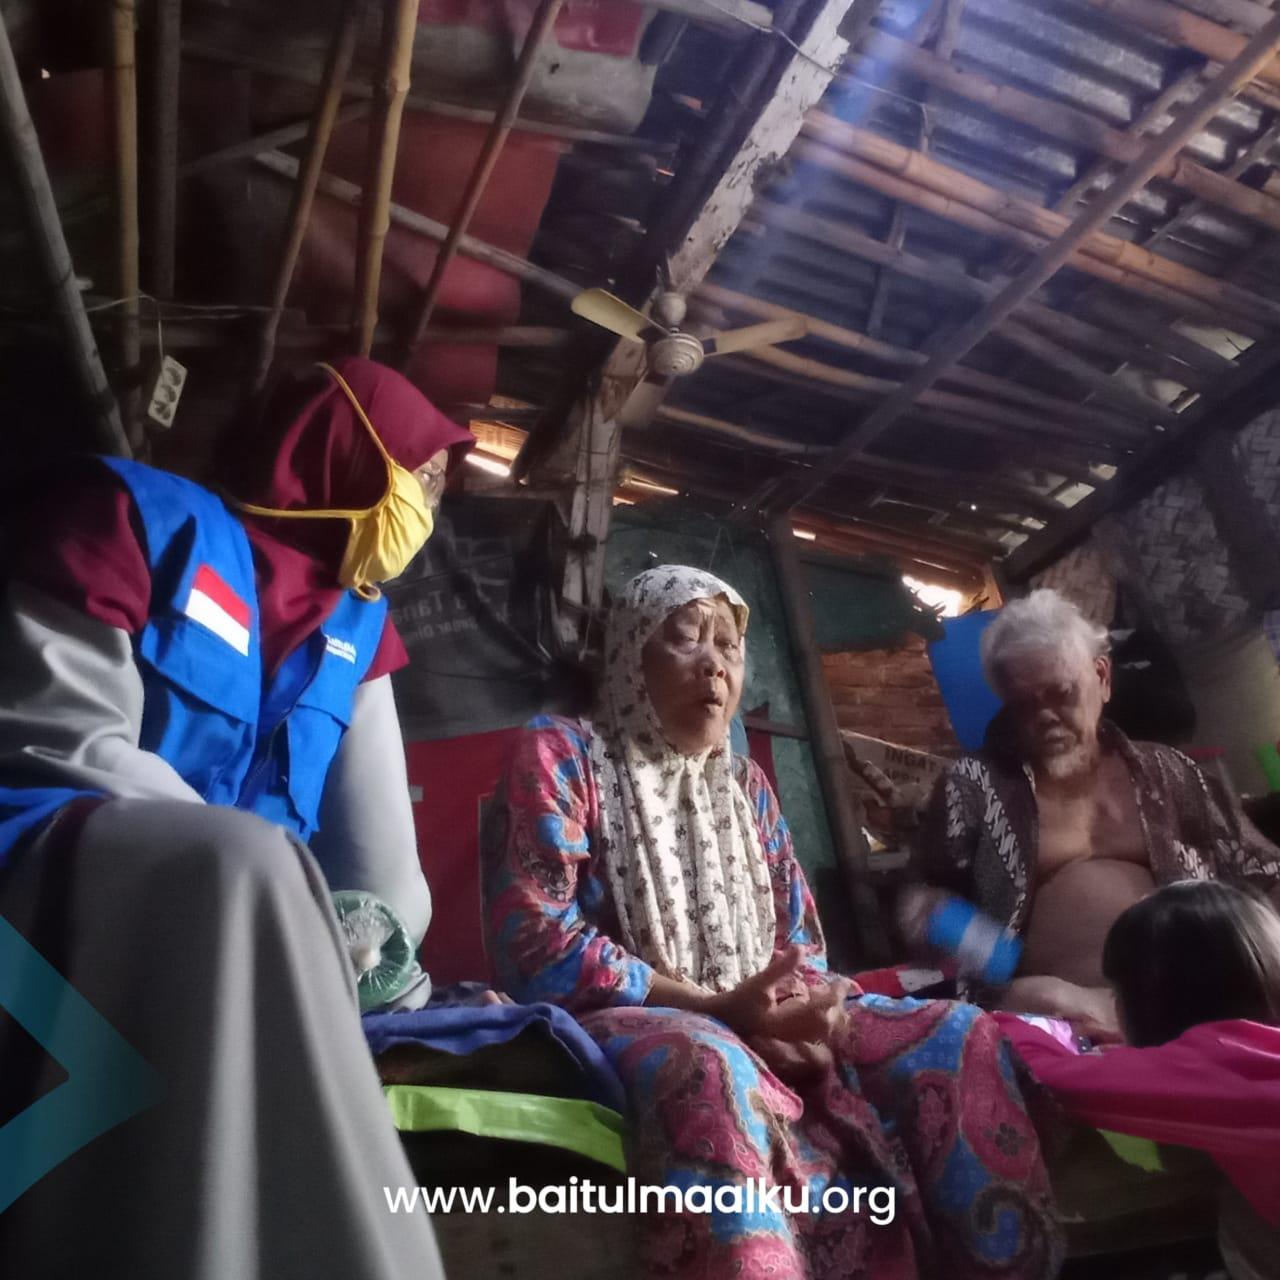 RQ Kaukab dan LAZ BaitulMaalKu Salurkan Kasur untuk Mak Iroh